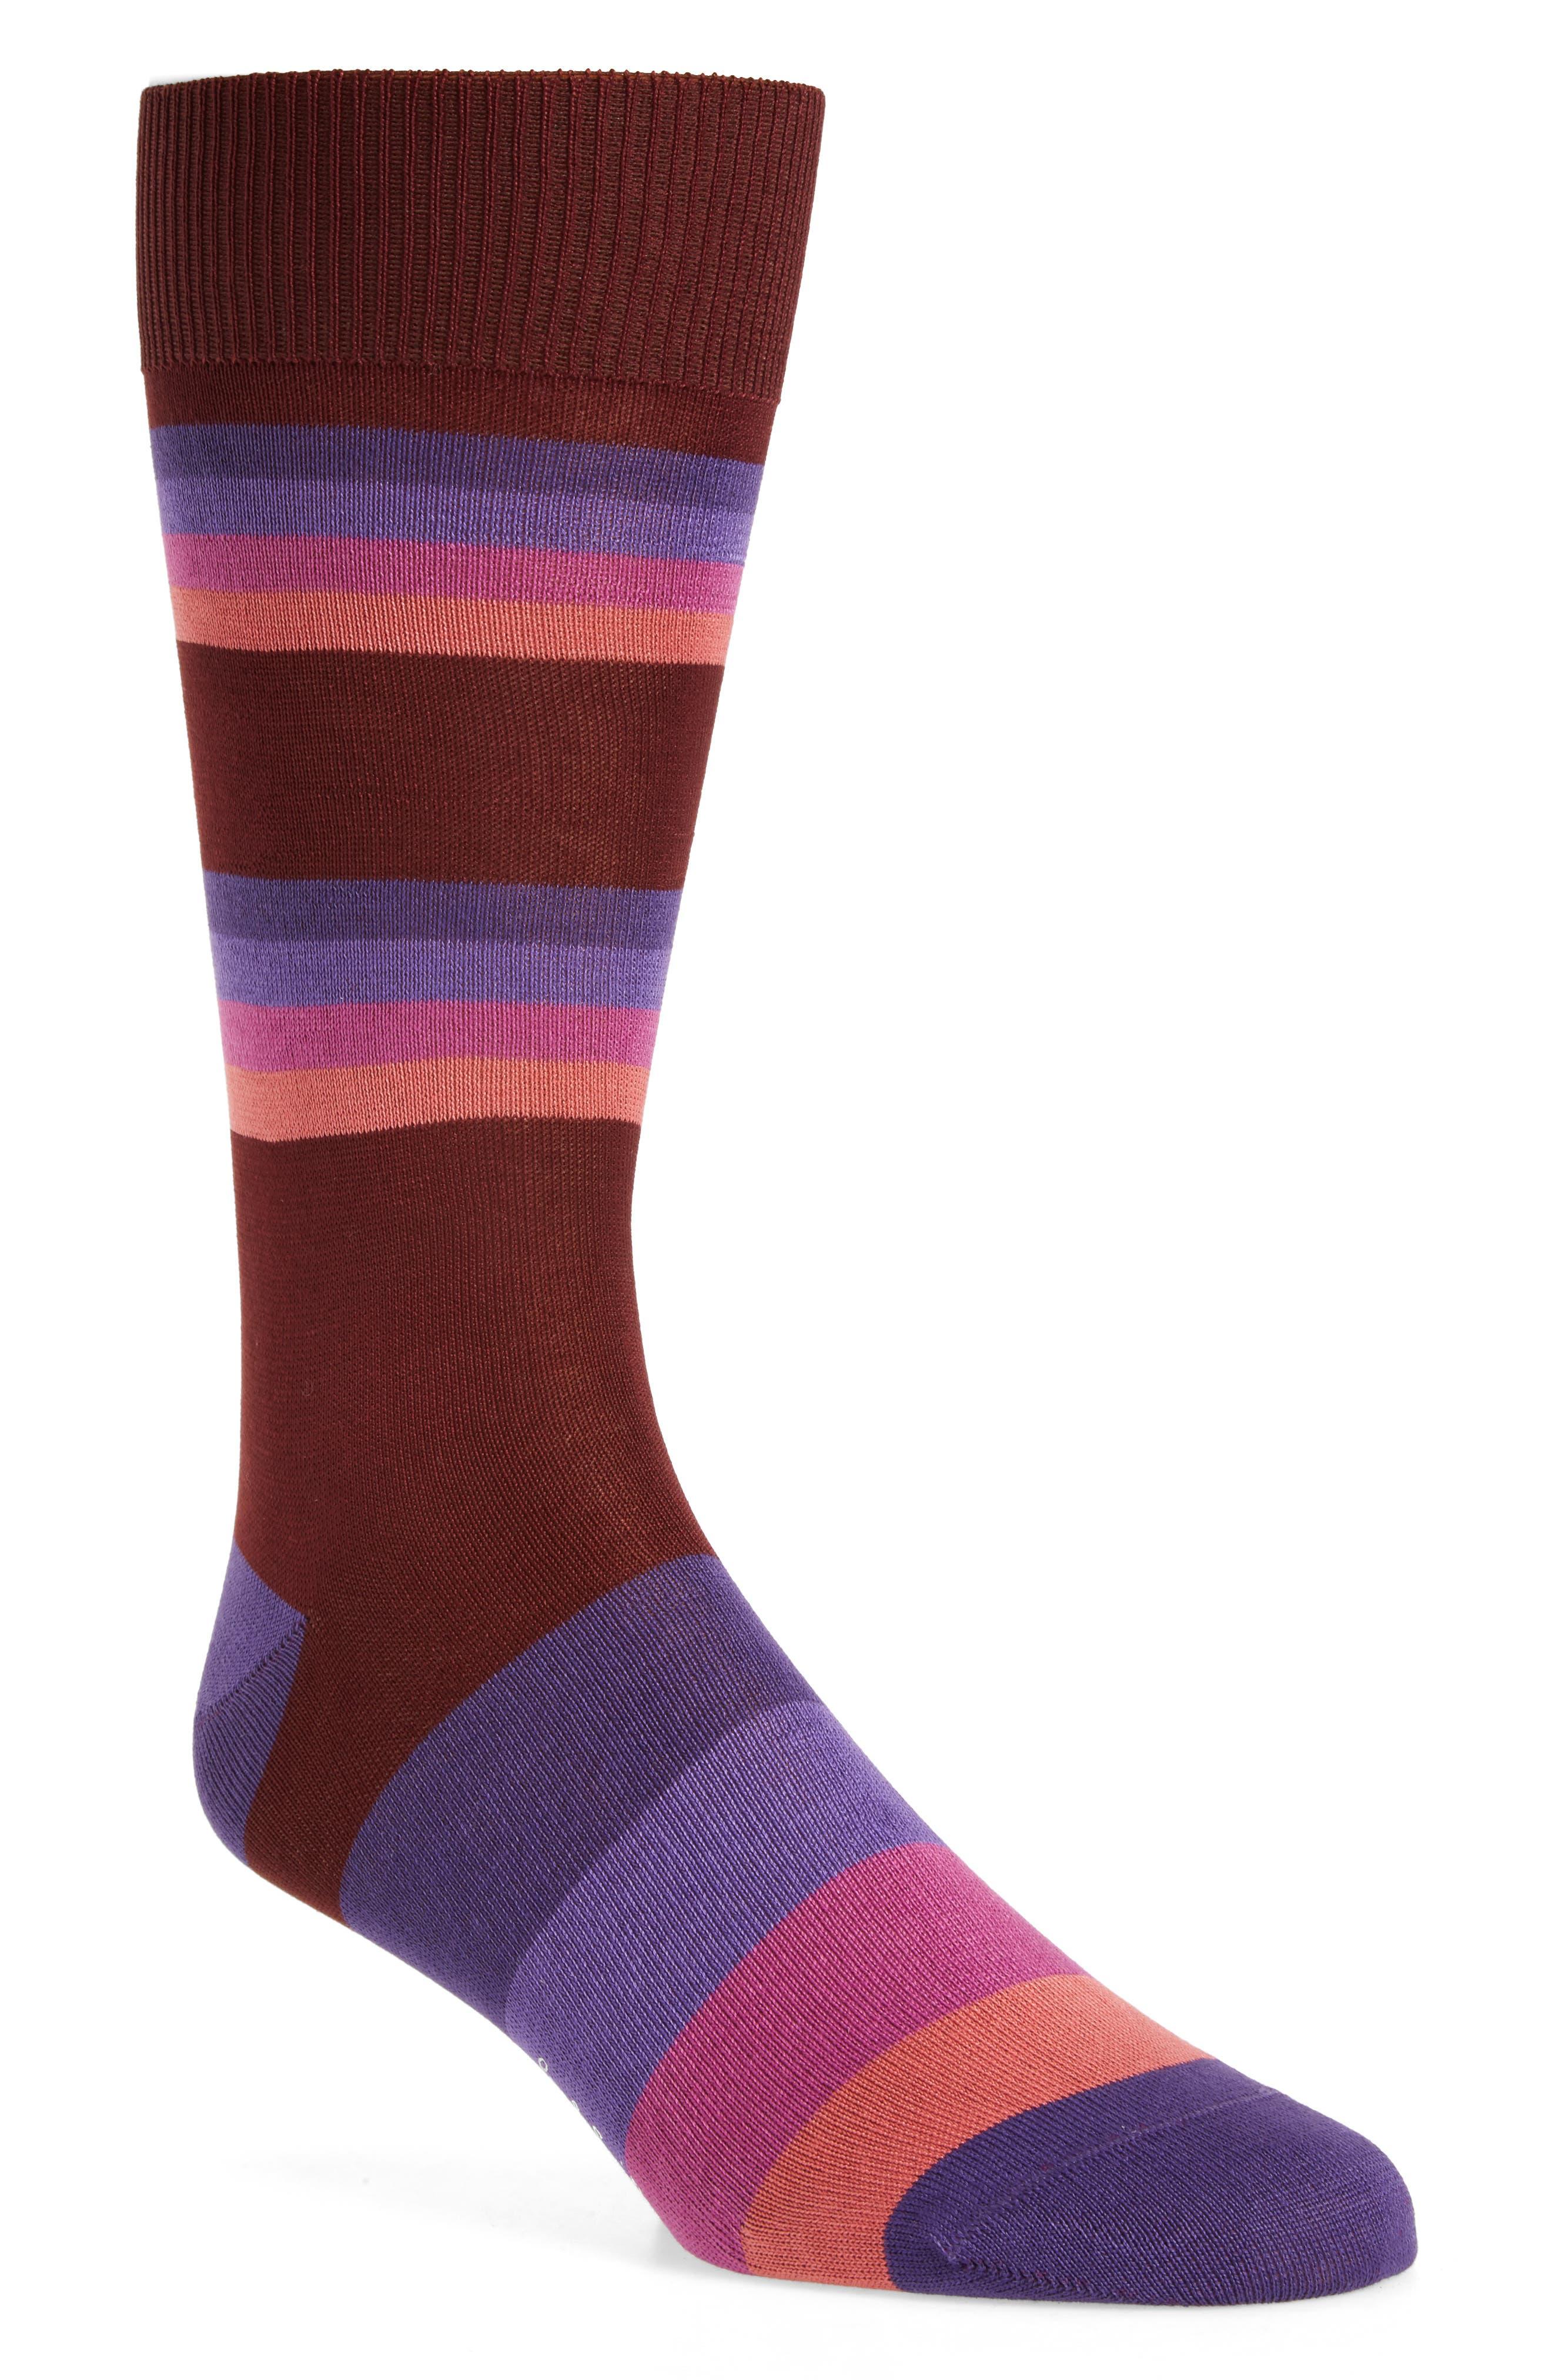 Boston Stripe Socks,                         Main,                         color, 930